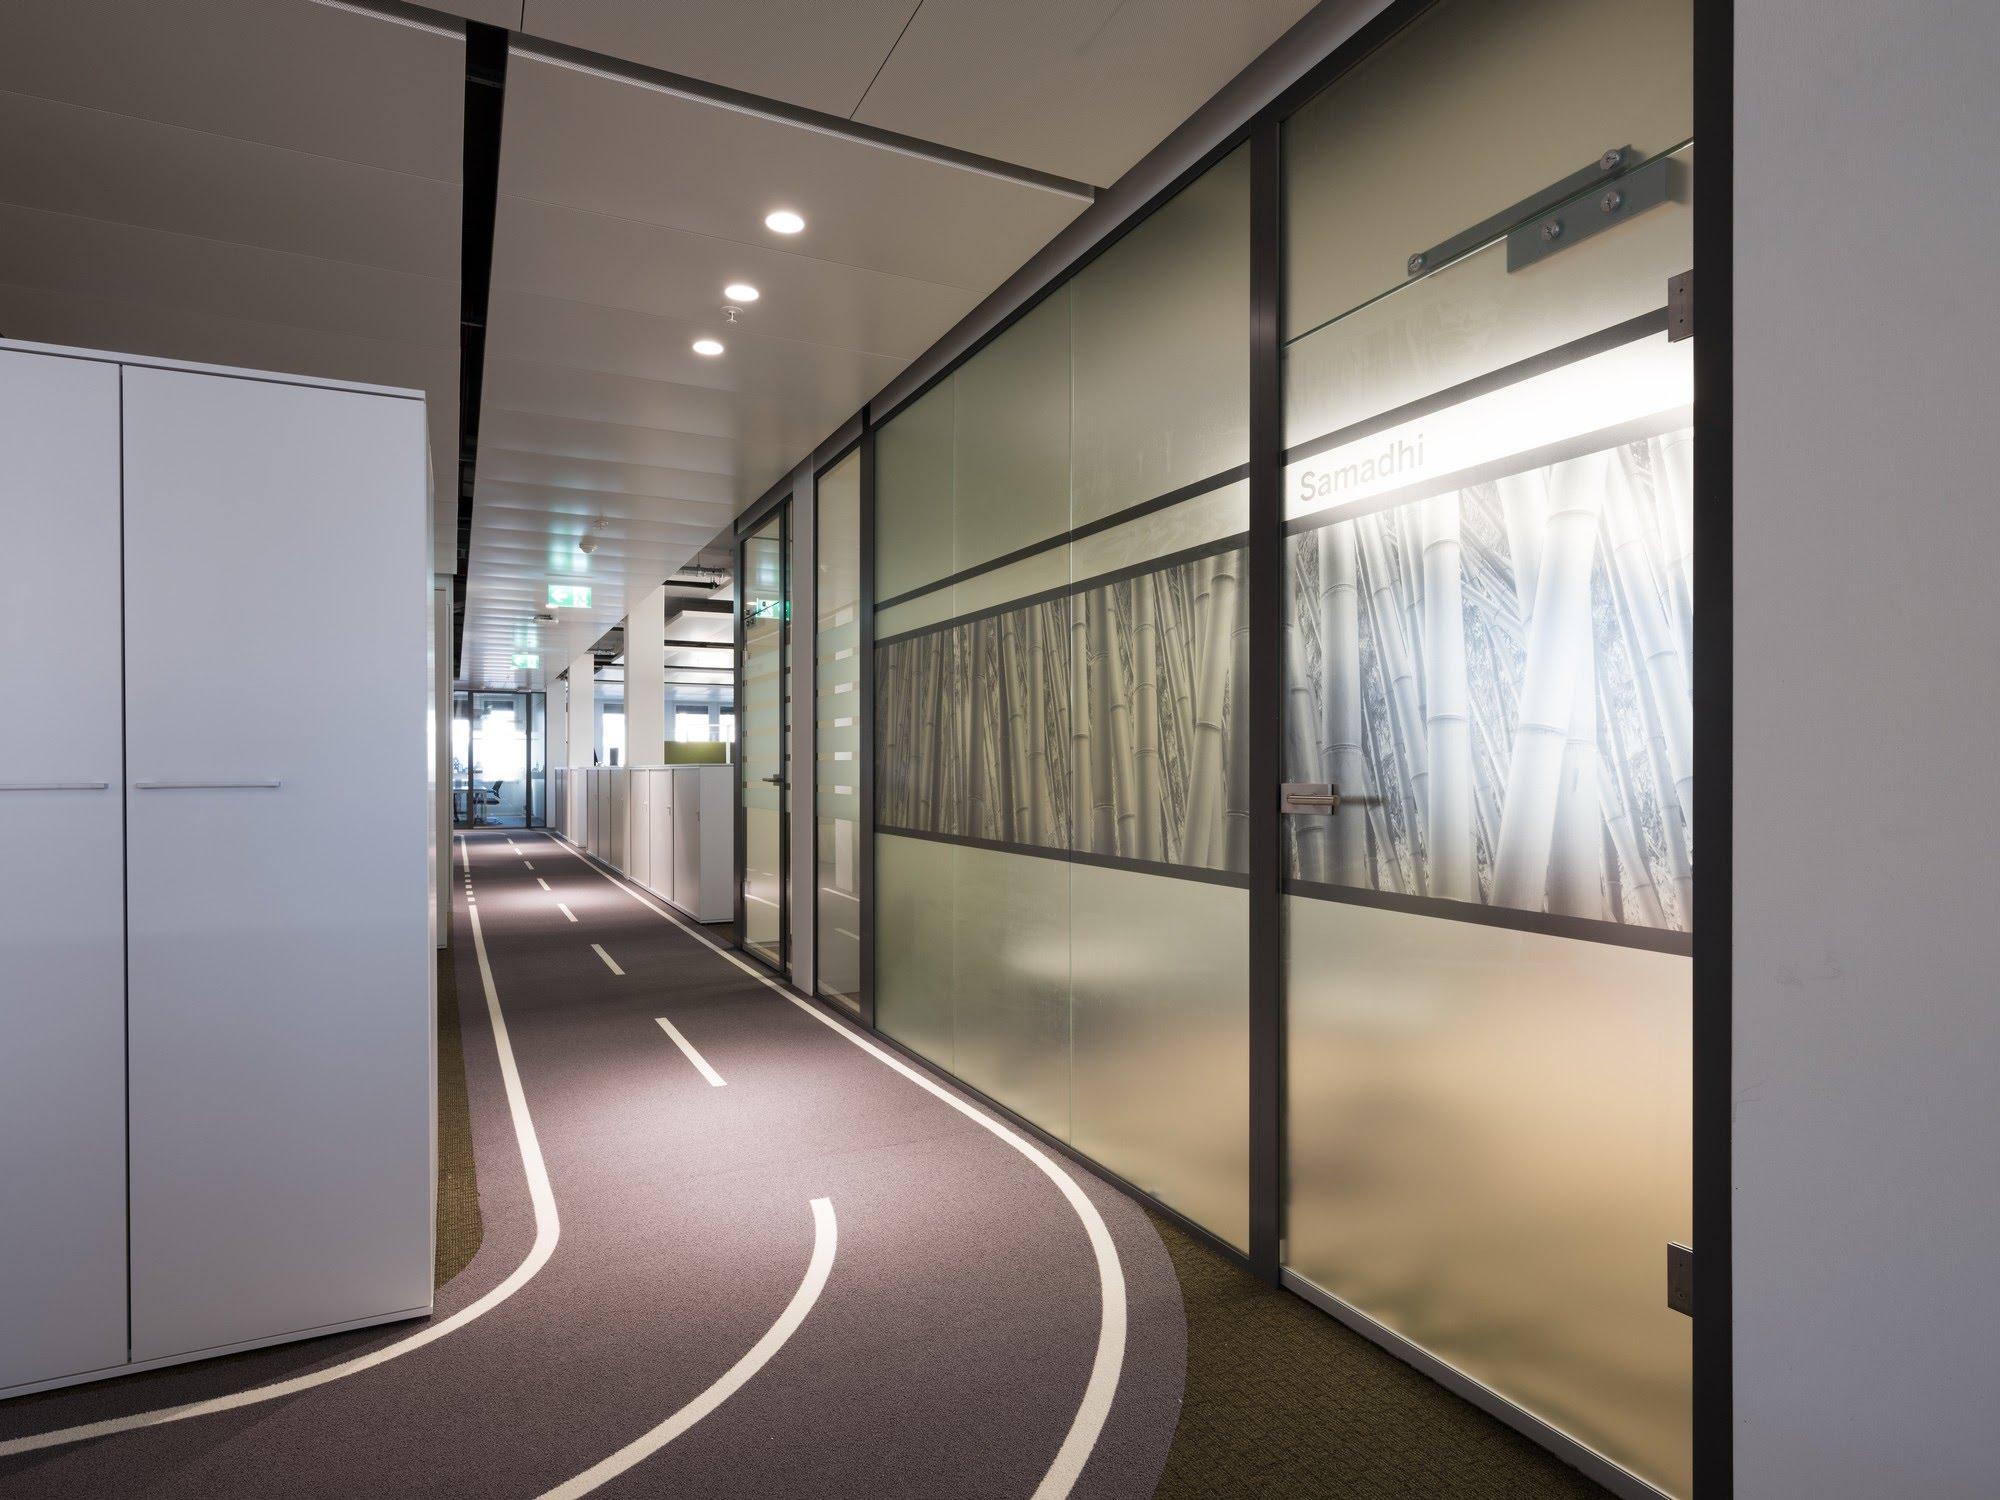 NovaOne - Ganzglaswände,NovaPlain - Doppelverglasung,Neuer Hauptsitz Mobility Genossenschaft,Deckensystem-Wandsysteme,Trennwände Büro,Ganzglaswände,Bürotrennwand,Akustikdecken,Schallschutzdecken,Trennwände,Glaswände,Faltwände,Raumgestaltung,Trennwand Systeme